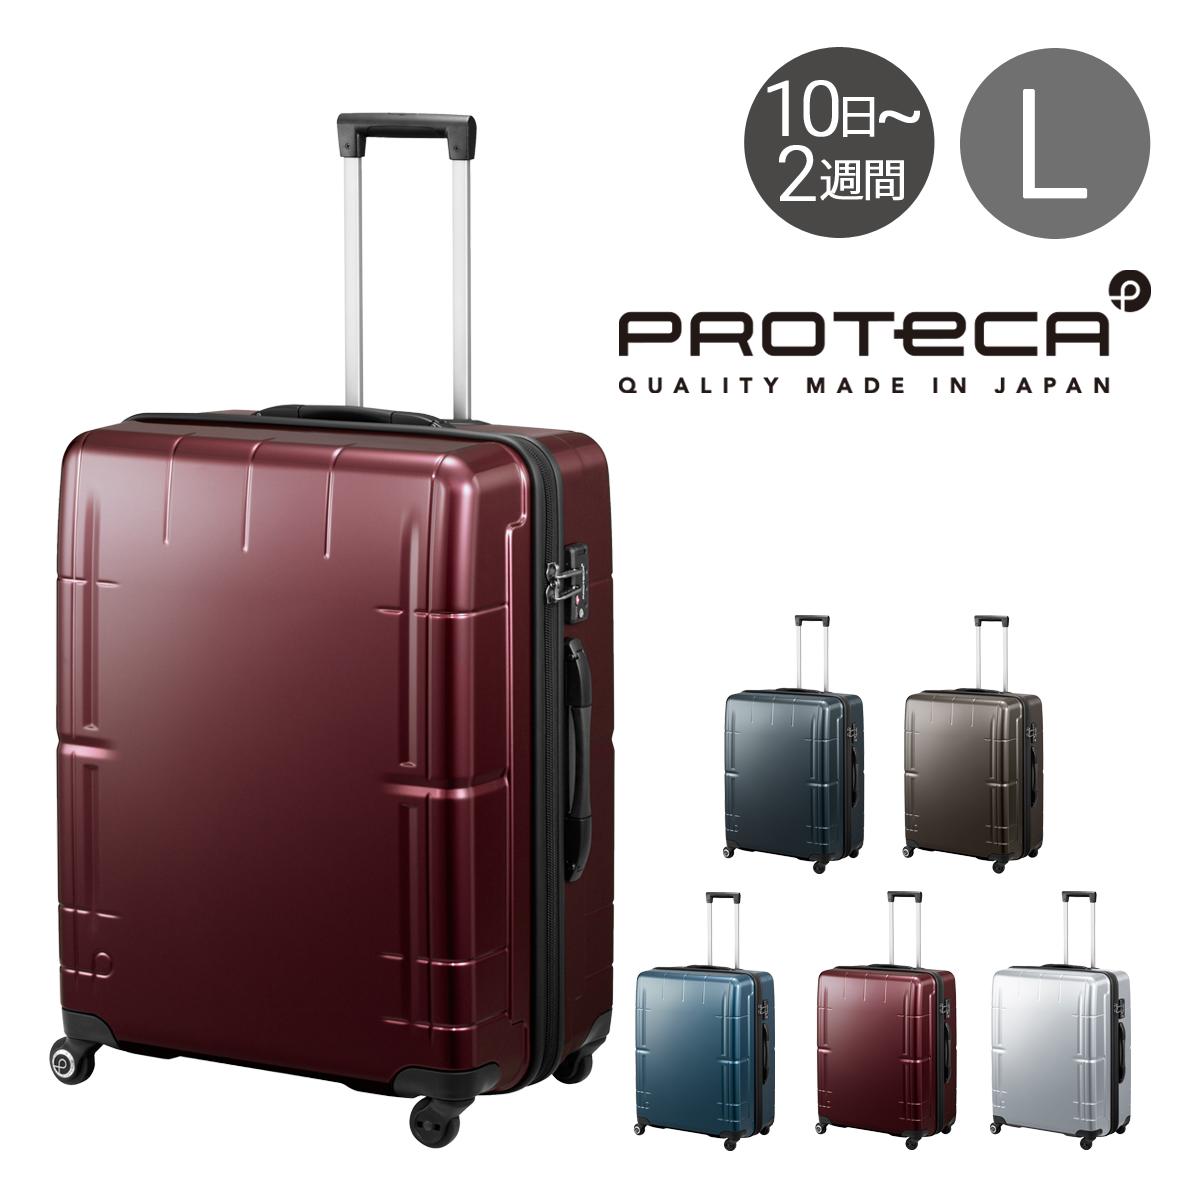 プロテカ スーツケース 100L 64cm 5.1kg スタリアVs 02955 日本製 PROTECA ハード ファスナー キャリーバッグ キャリーケース 軽量 ストッパー付き 静音 TSAロック搭載 3年保証[PO10][bef]